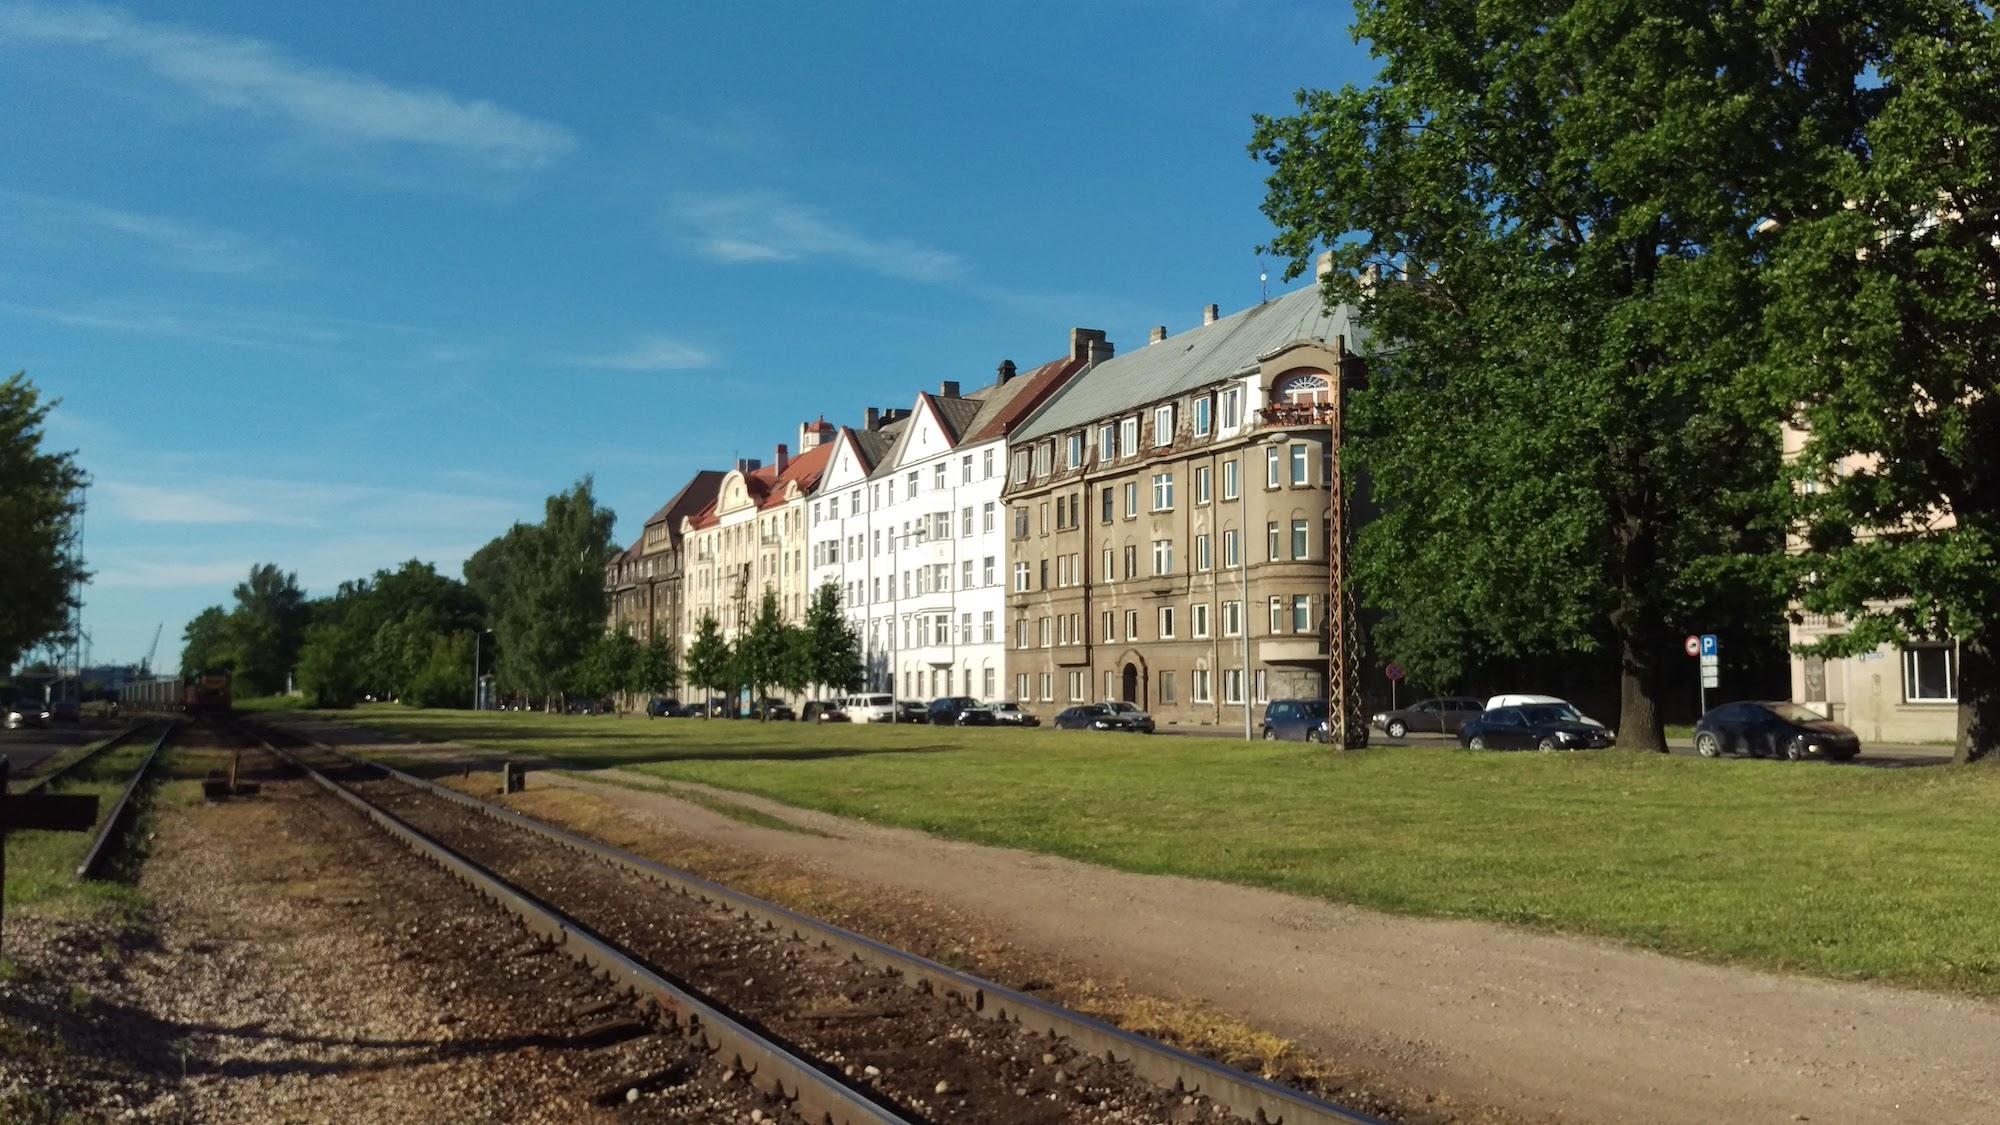 Art Nouveau buildings next to railway tracks? Cool!